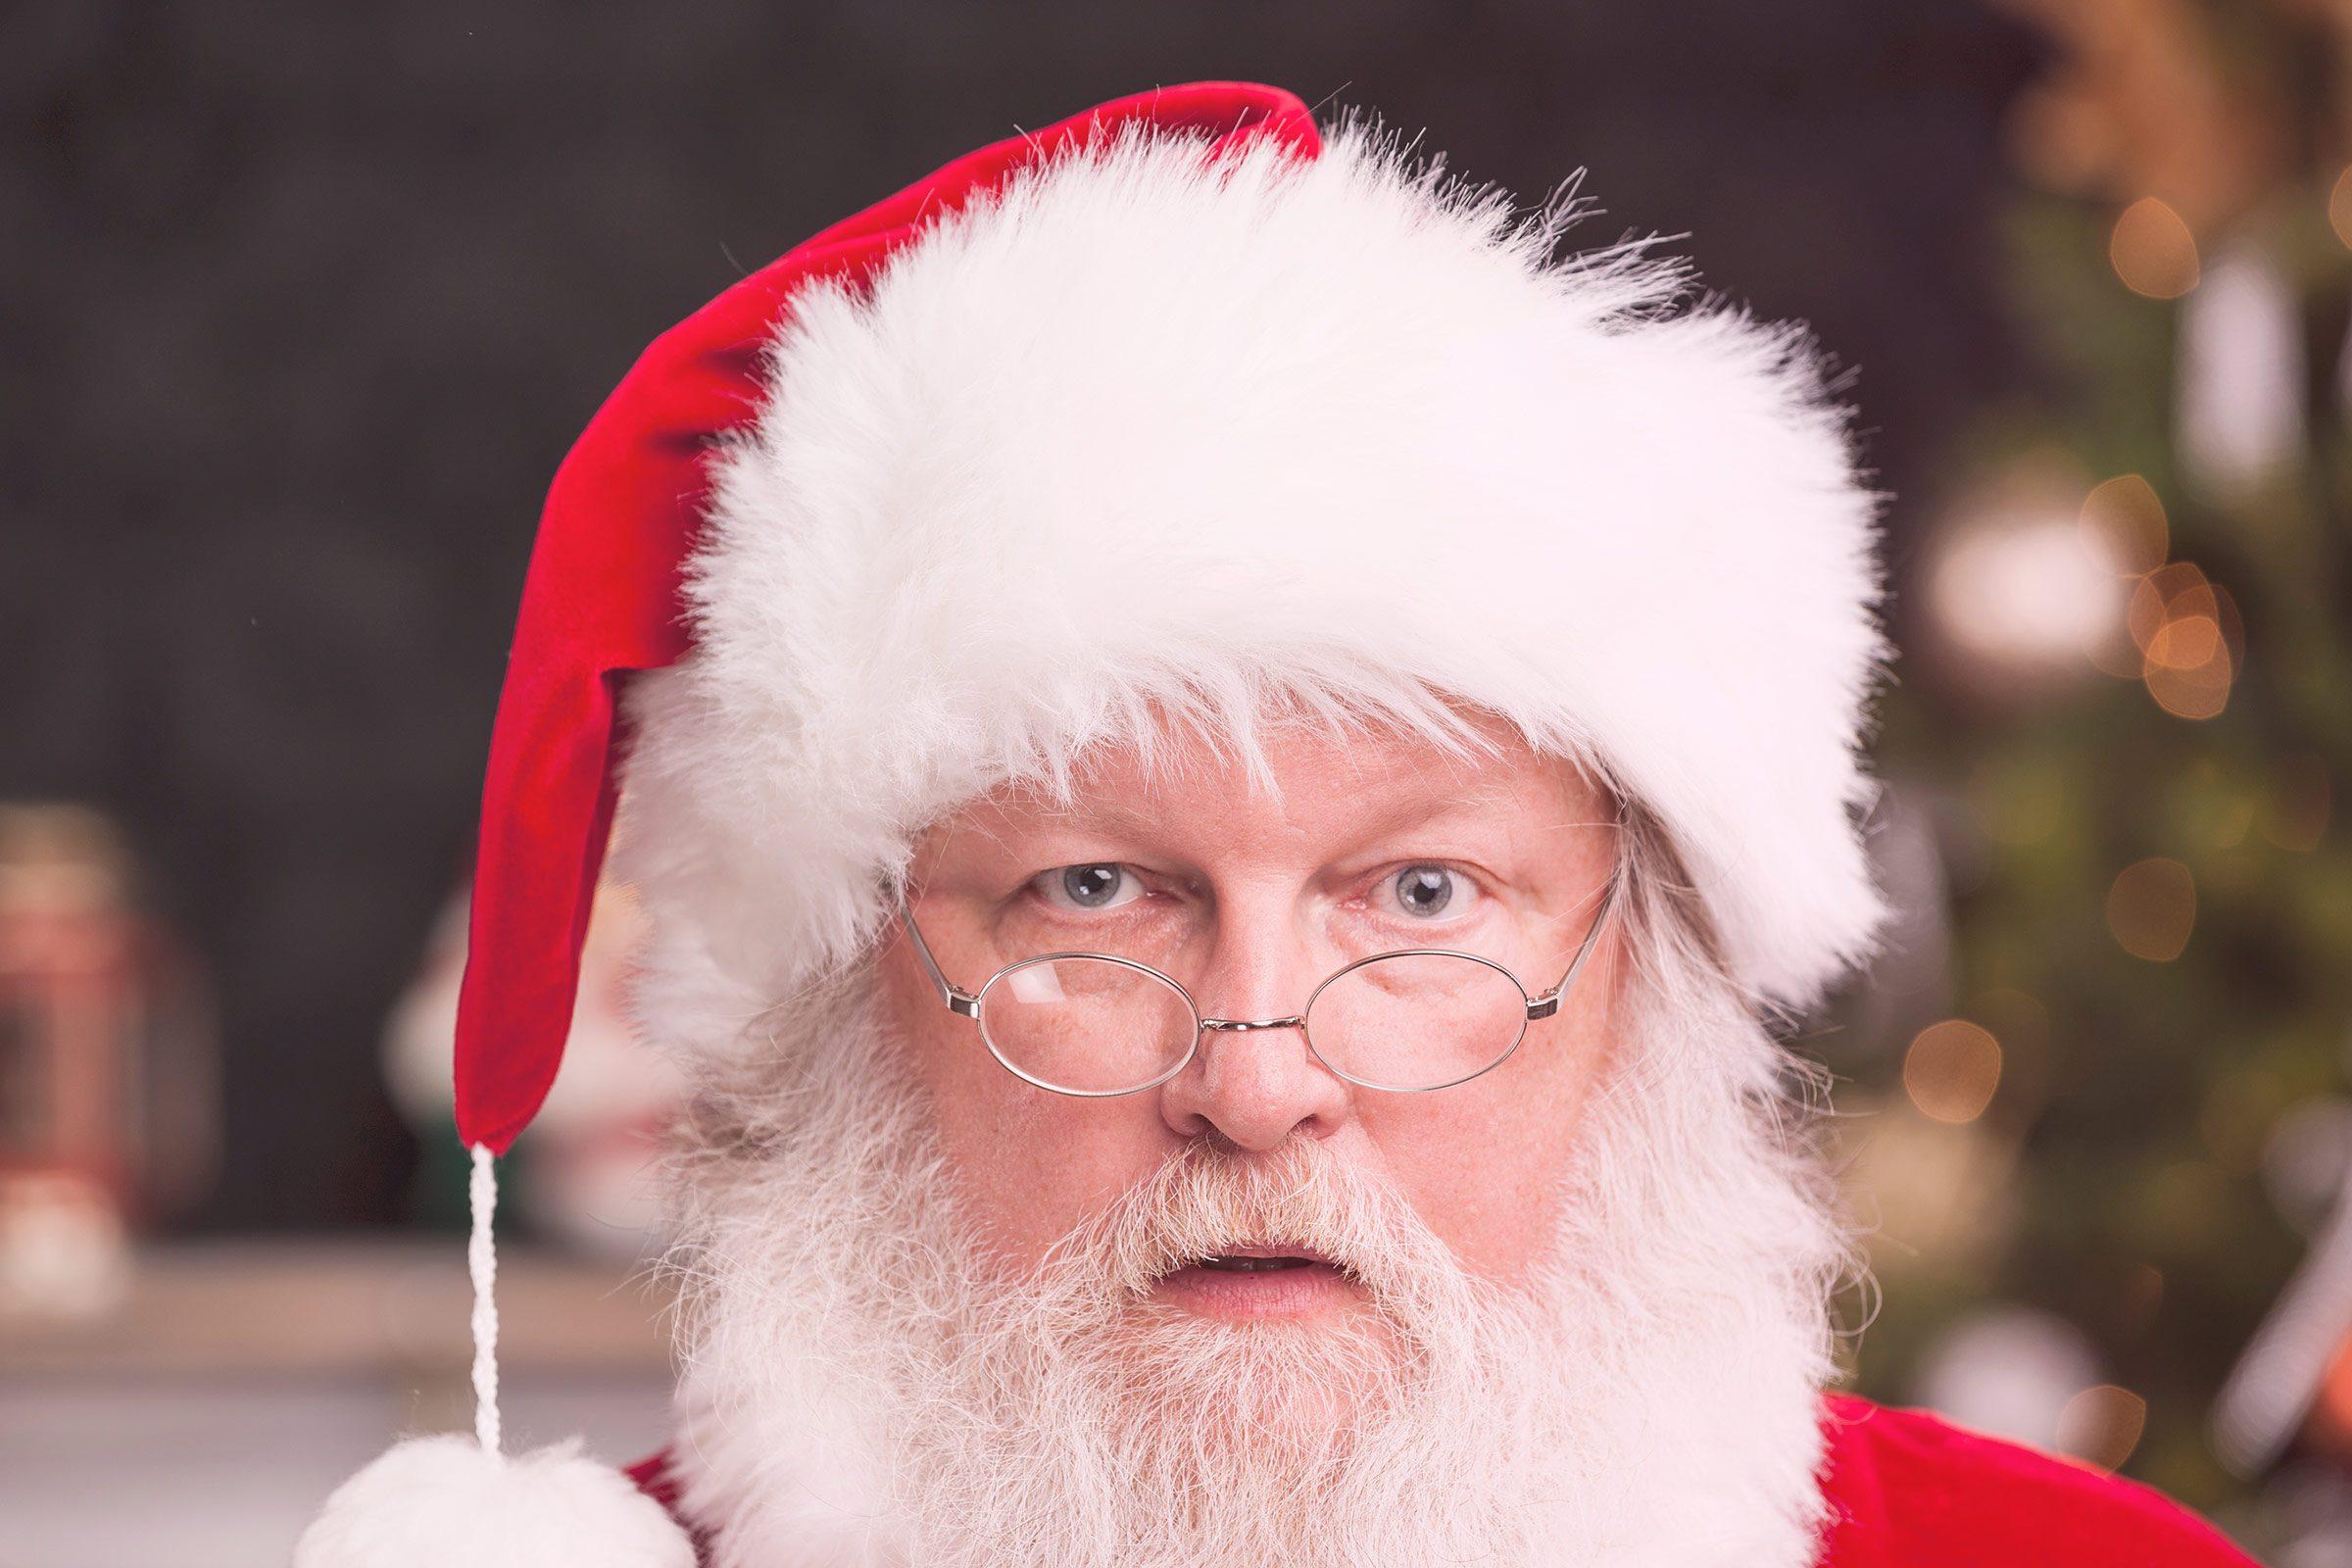 12. Is Santa real?